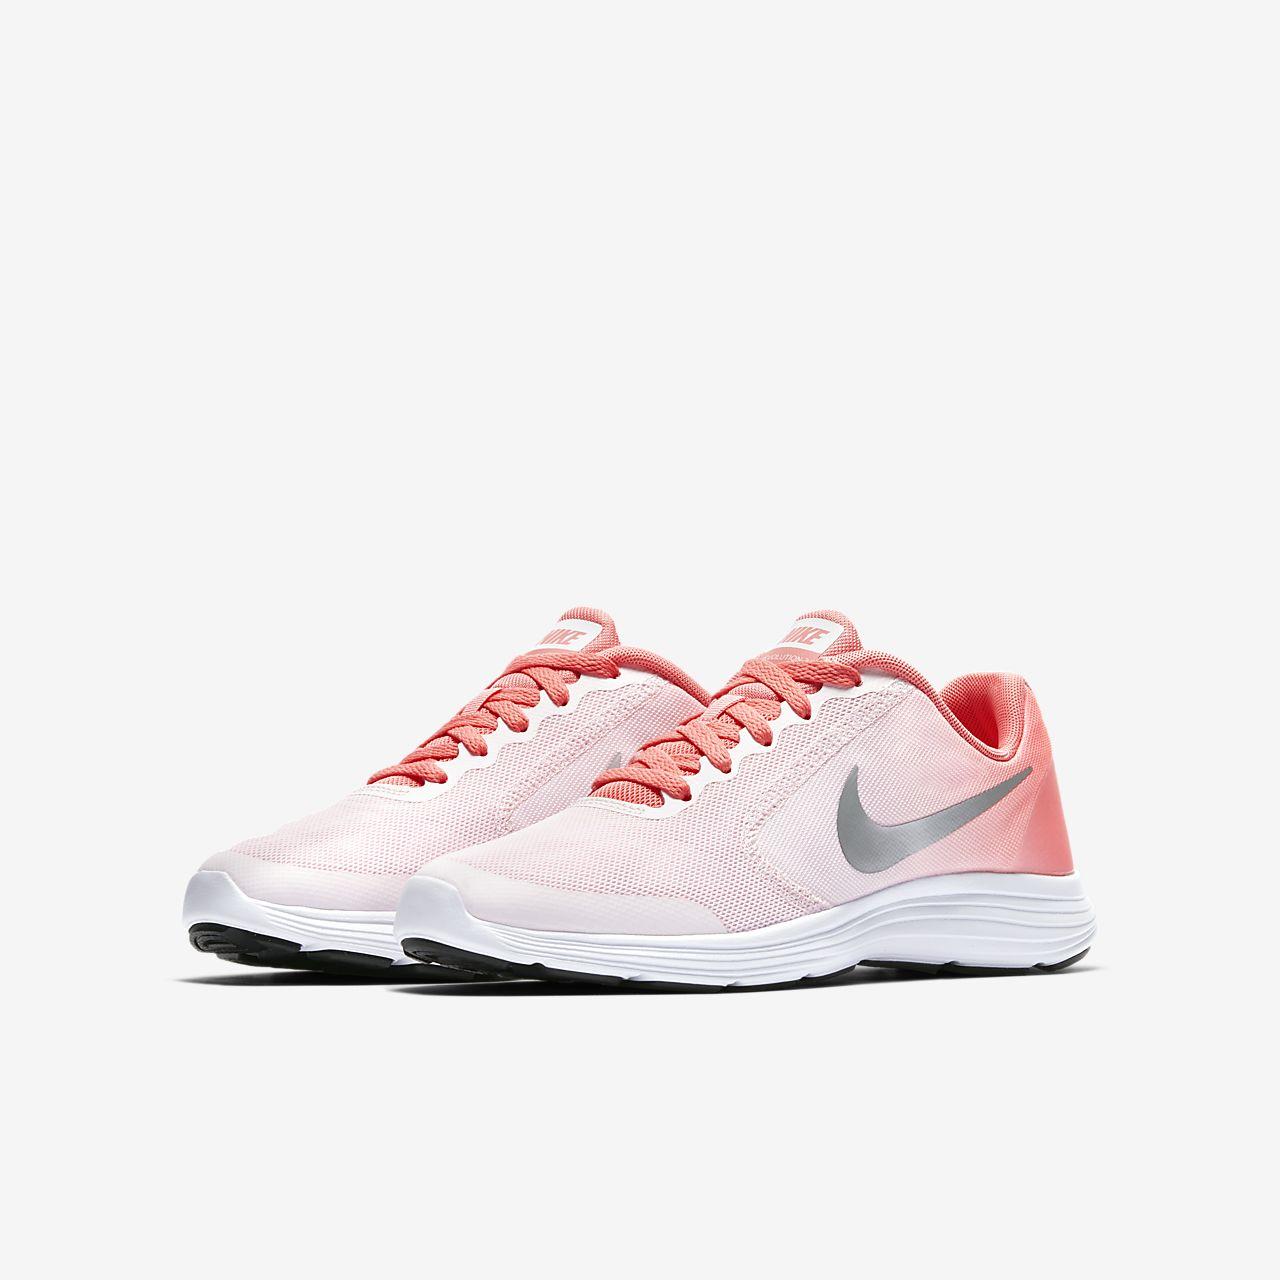 c90e12b4 Беговые кроссовки для школьников Nike Revolution 3. Nike.com RU